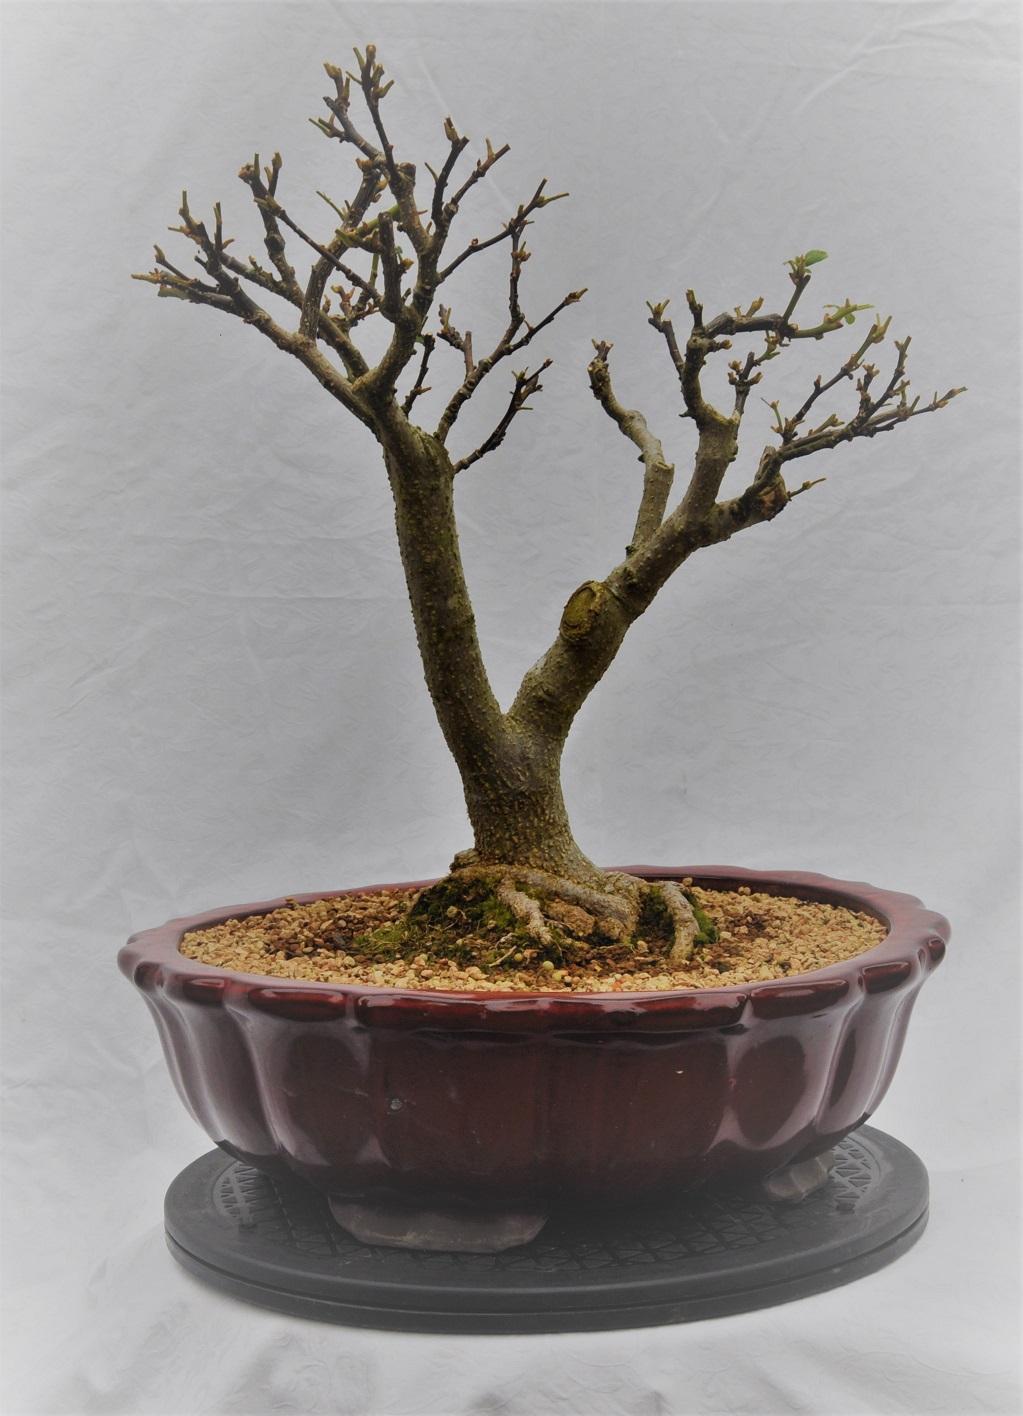 Cottonwood Bonsai : cottonwood, bonsai, Should, Cottonwood, Start, Pruning, Bonsai?, Gardening, Landscaping, Stack, Exchange